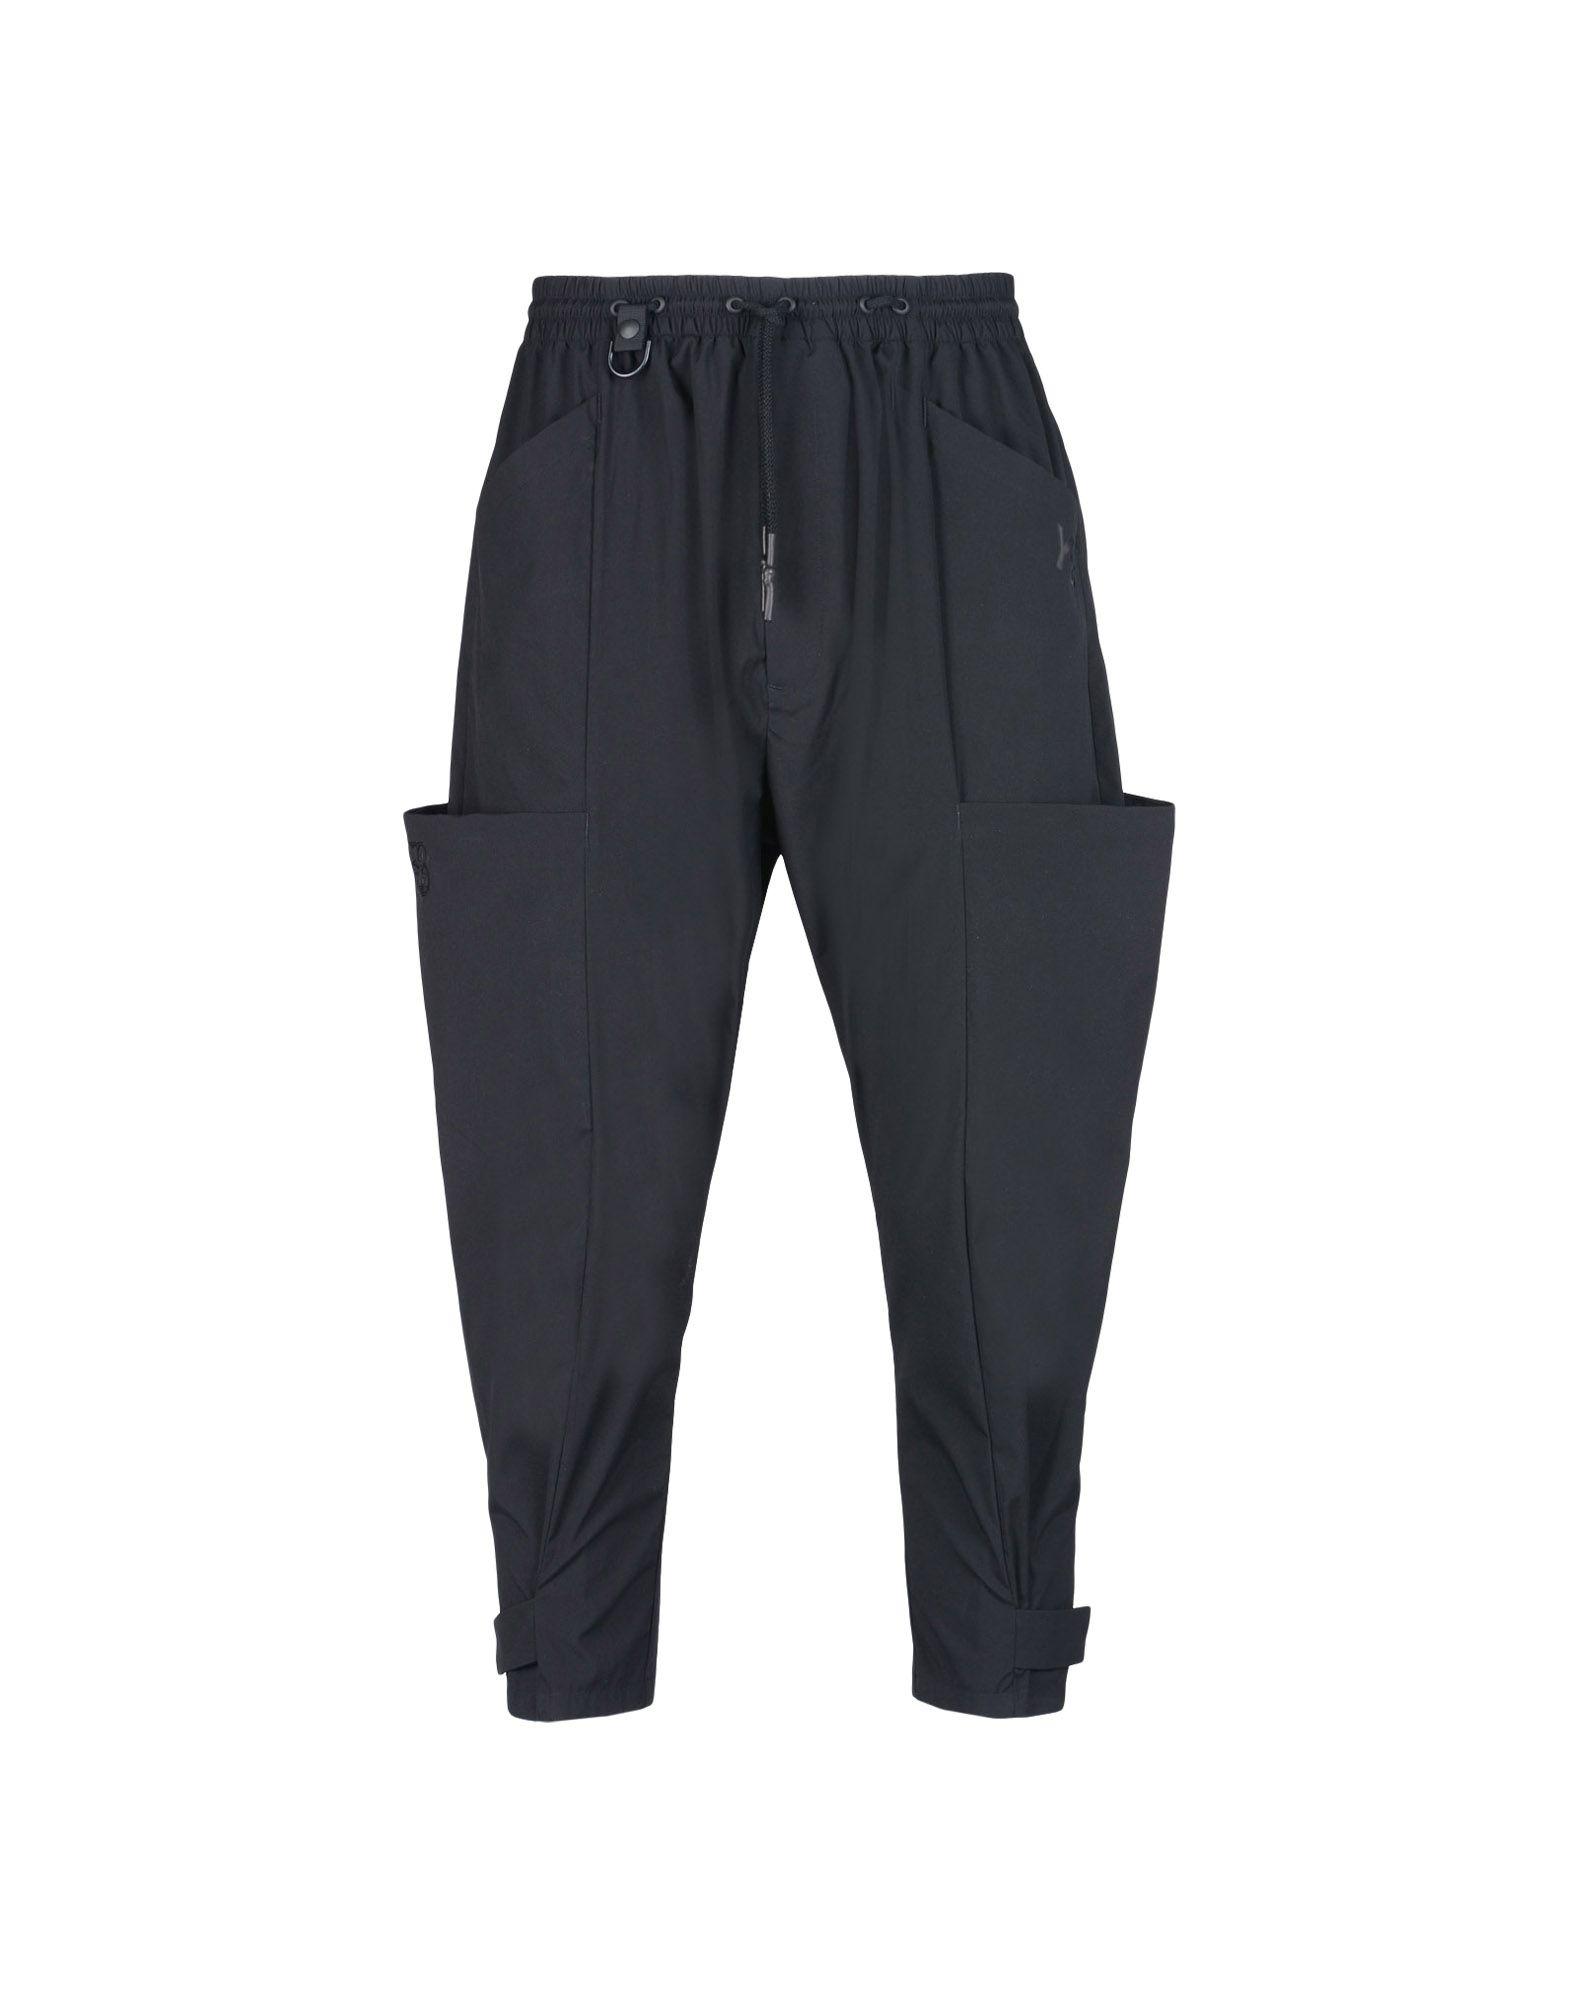 Y-3 Y-3 MINIMALIST PANT Casual trouser Man f